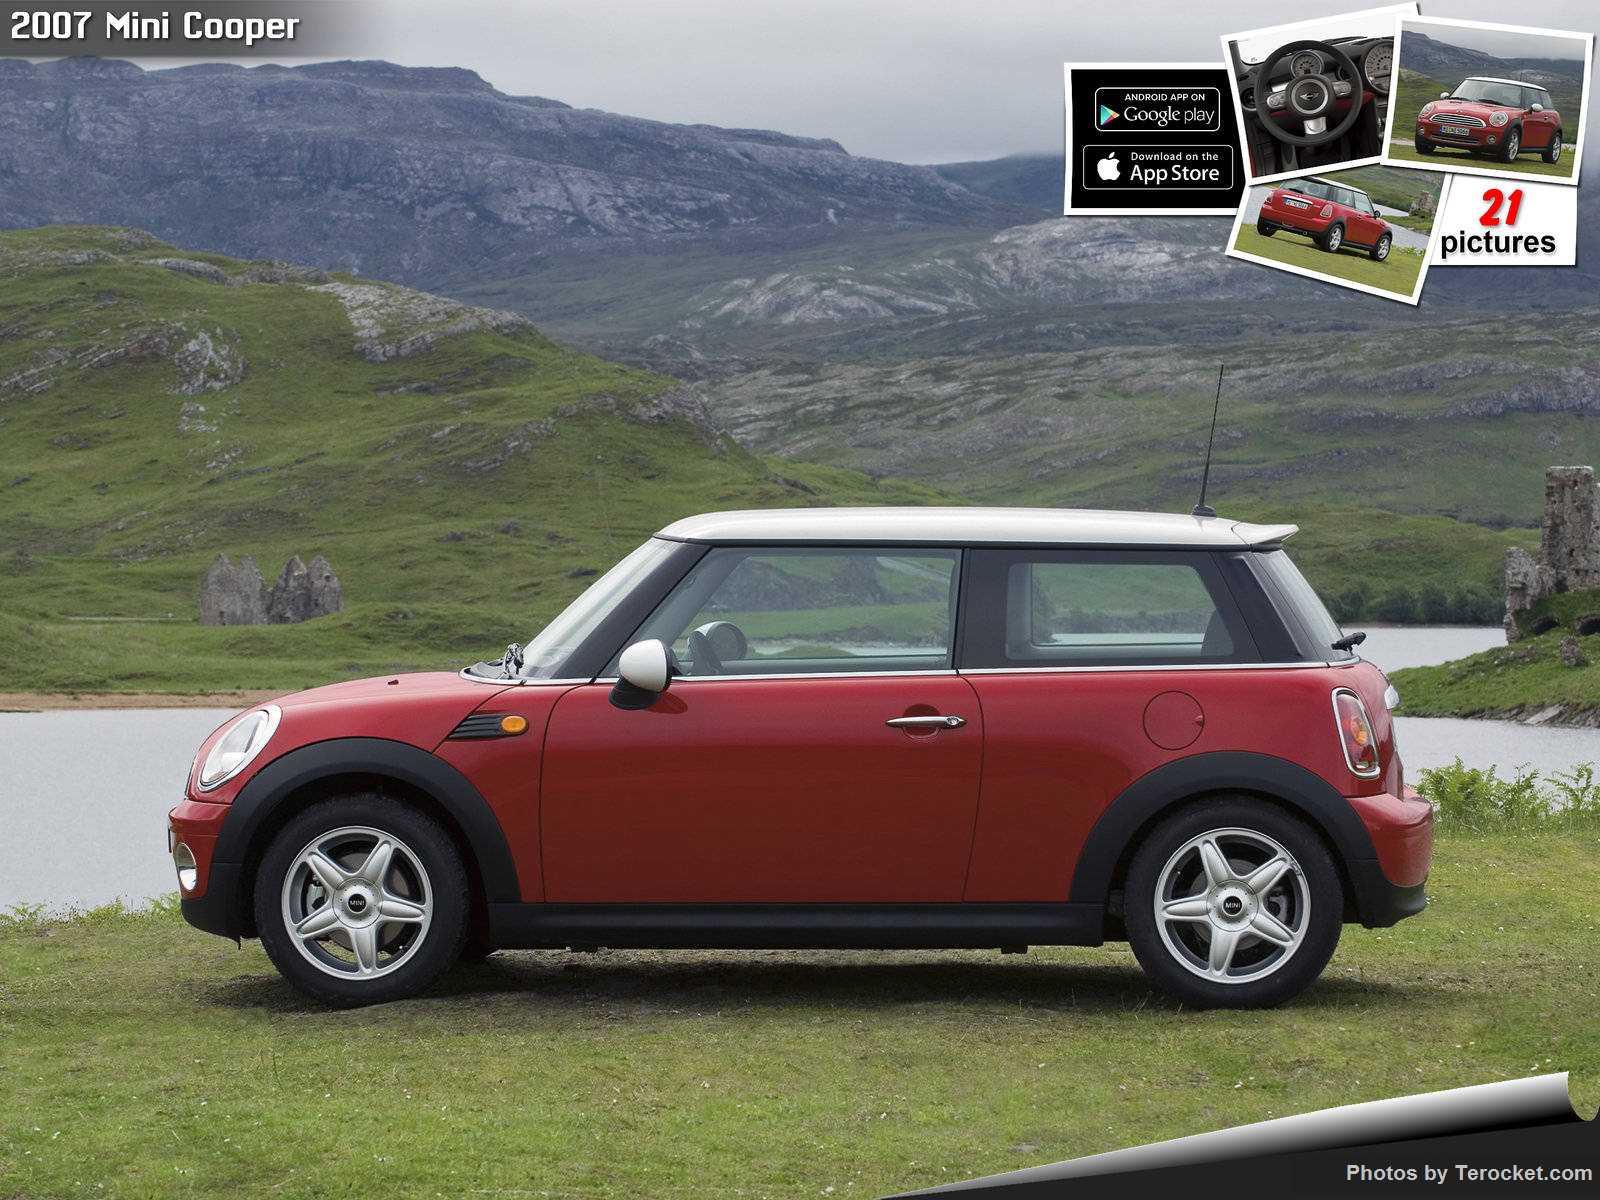 Hình ảnh xe ô tô Mini Cooper 2007 & nội ngoại thất